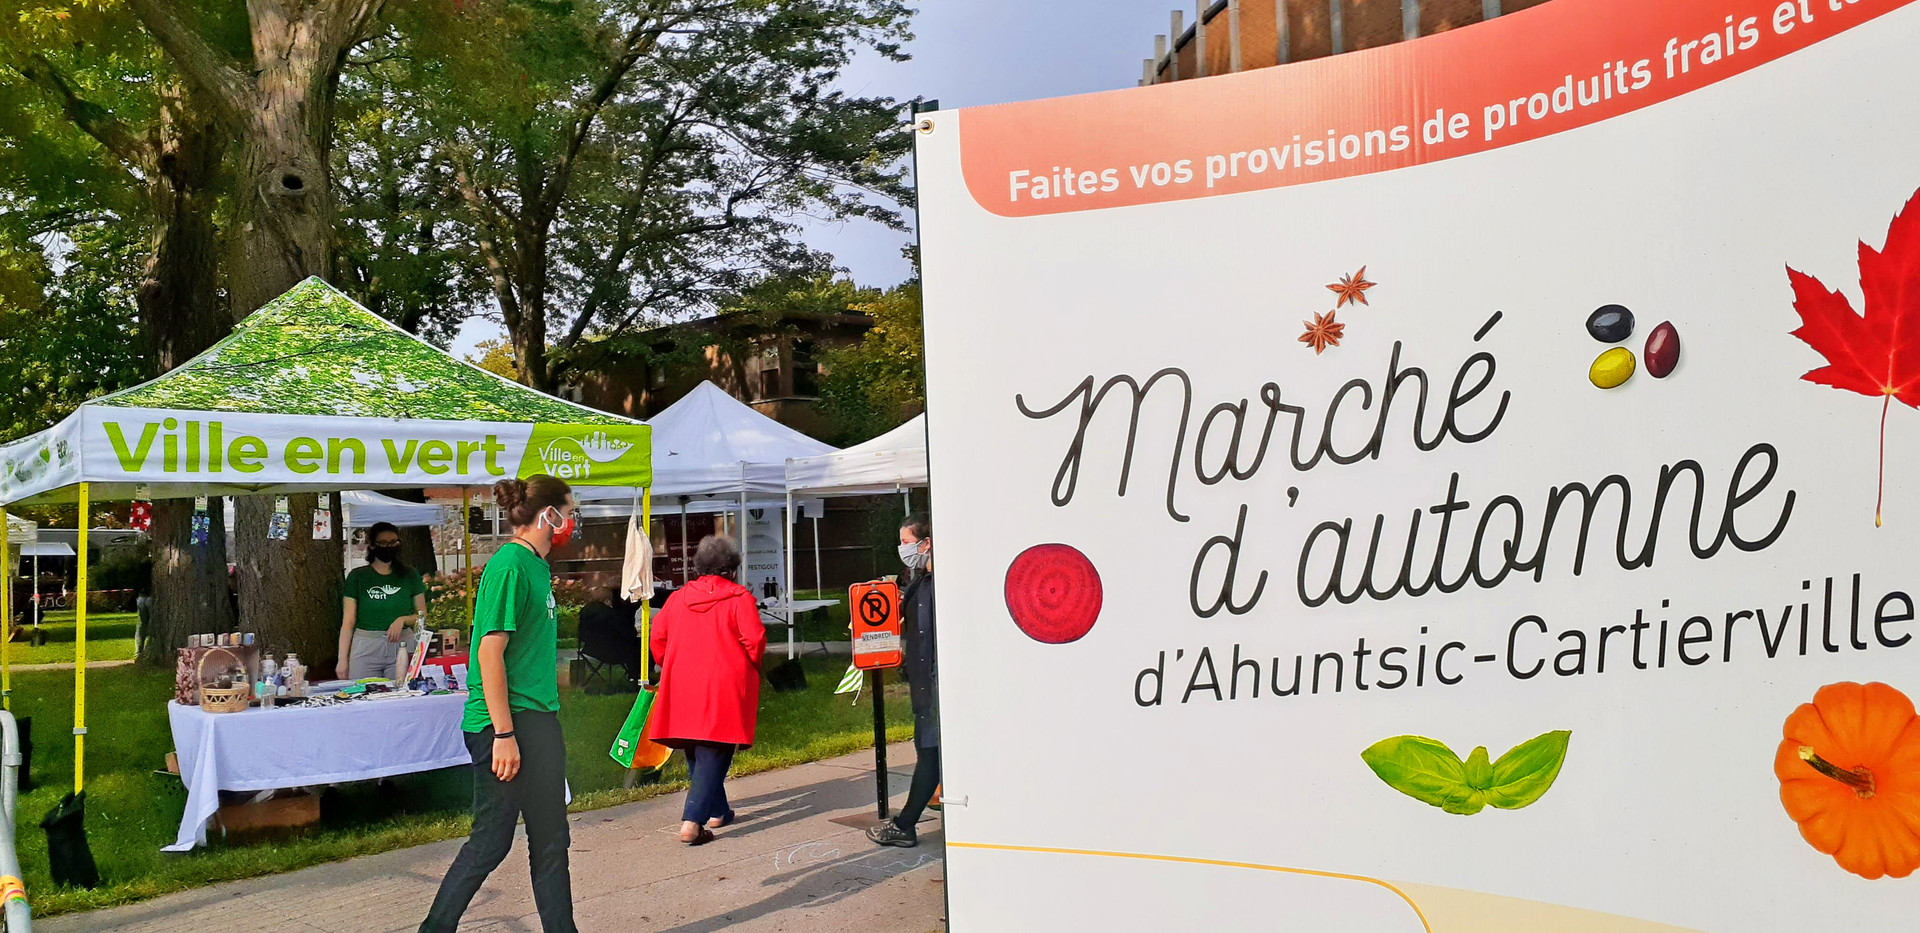 Marché public d'automne d'Ahuntsic-Cartierville 2020